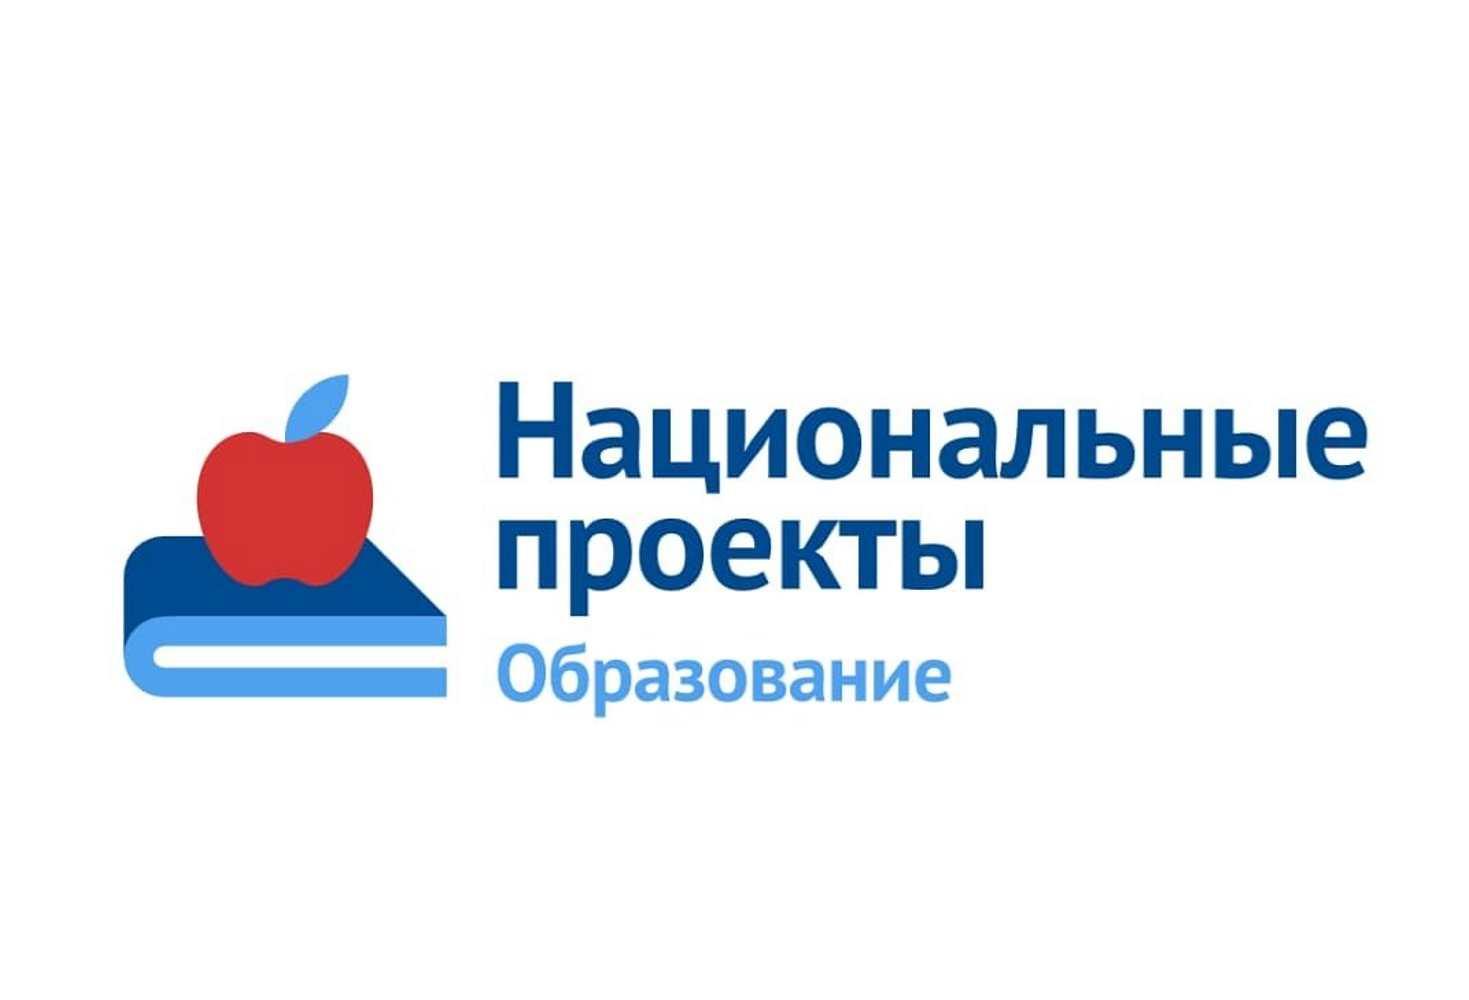 tatyana-golikova-podvela-itogi-pervogo-goda-realizatsii-natsproekta-obrazovanie